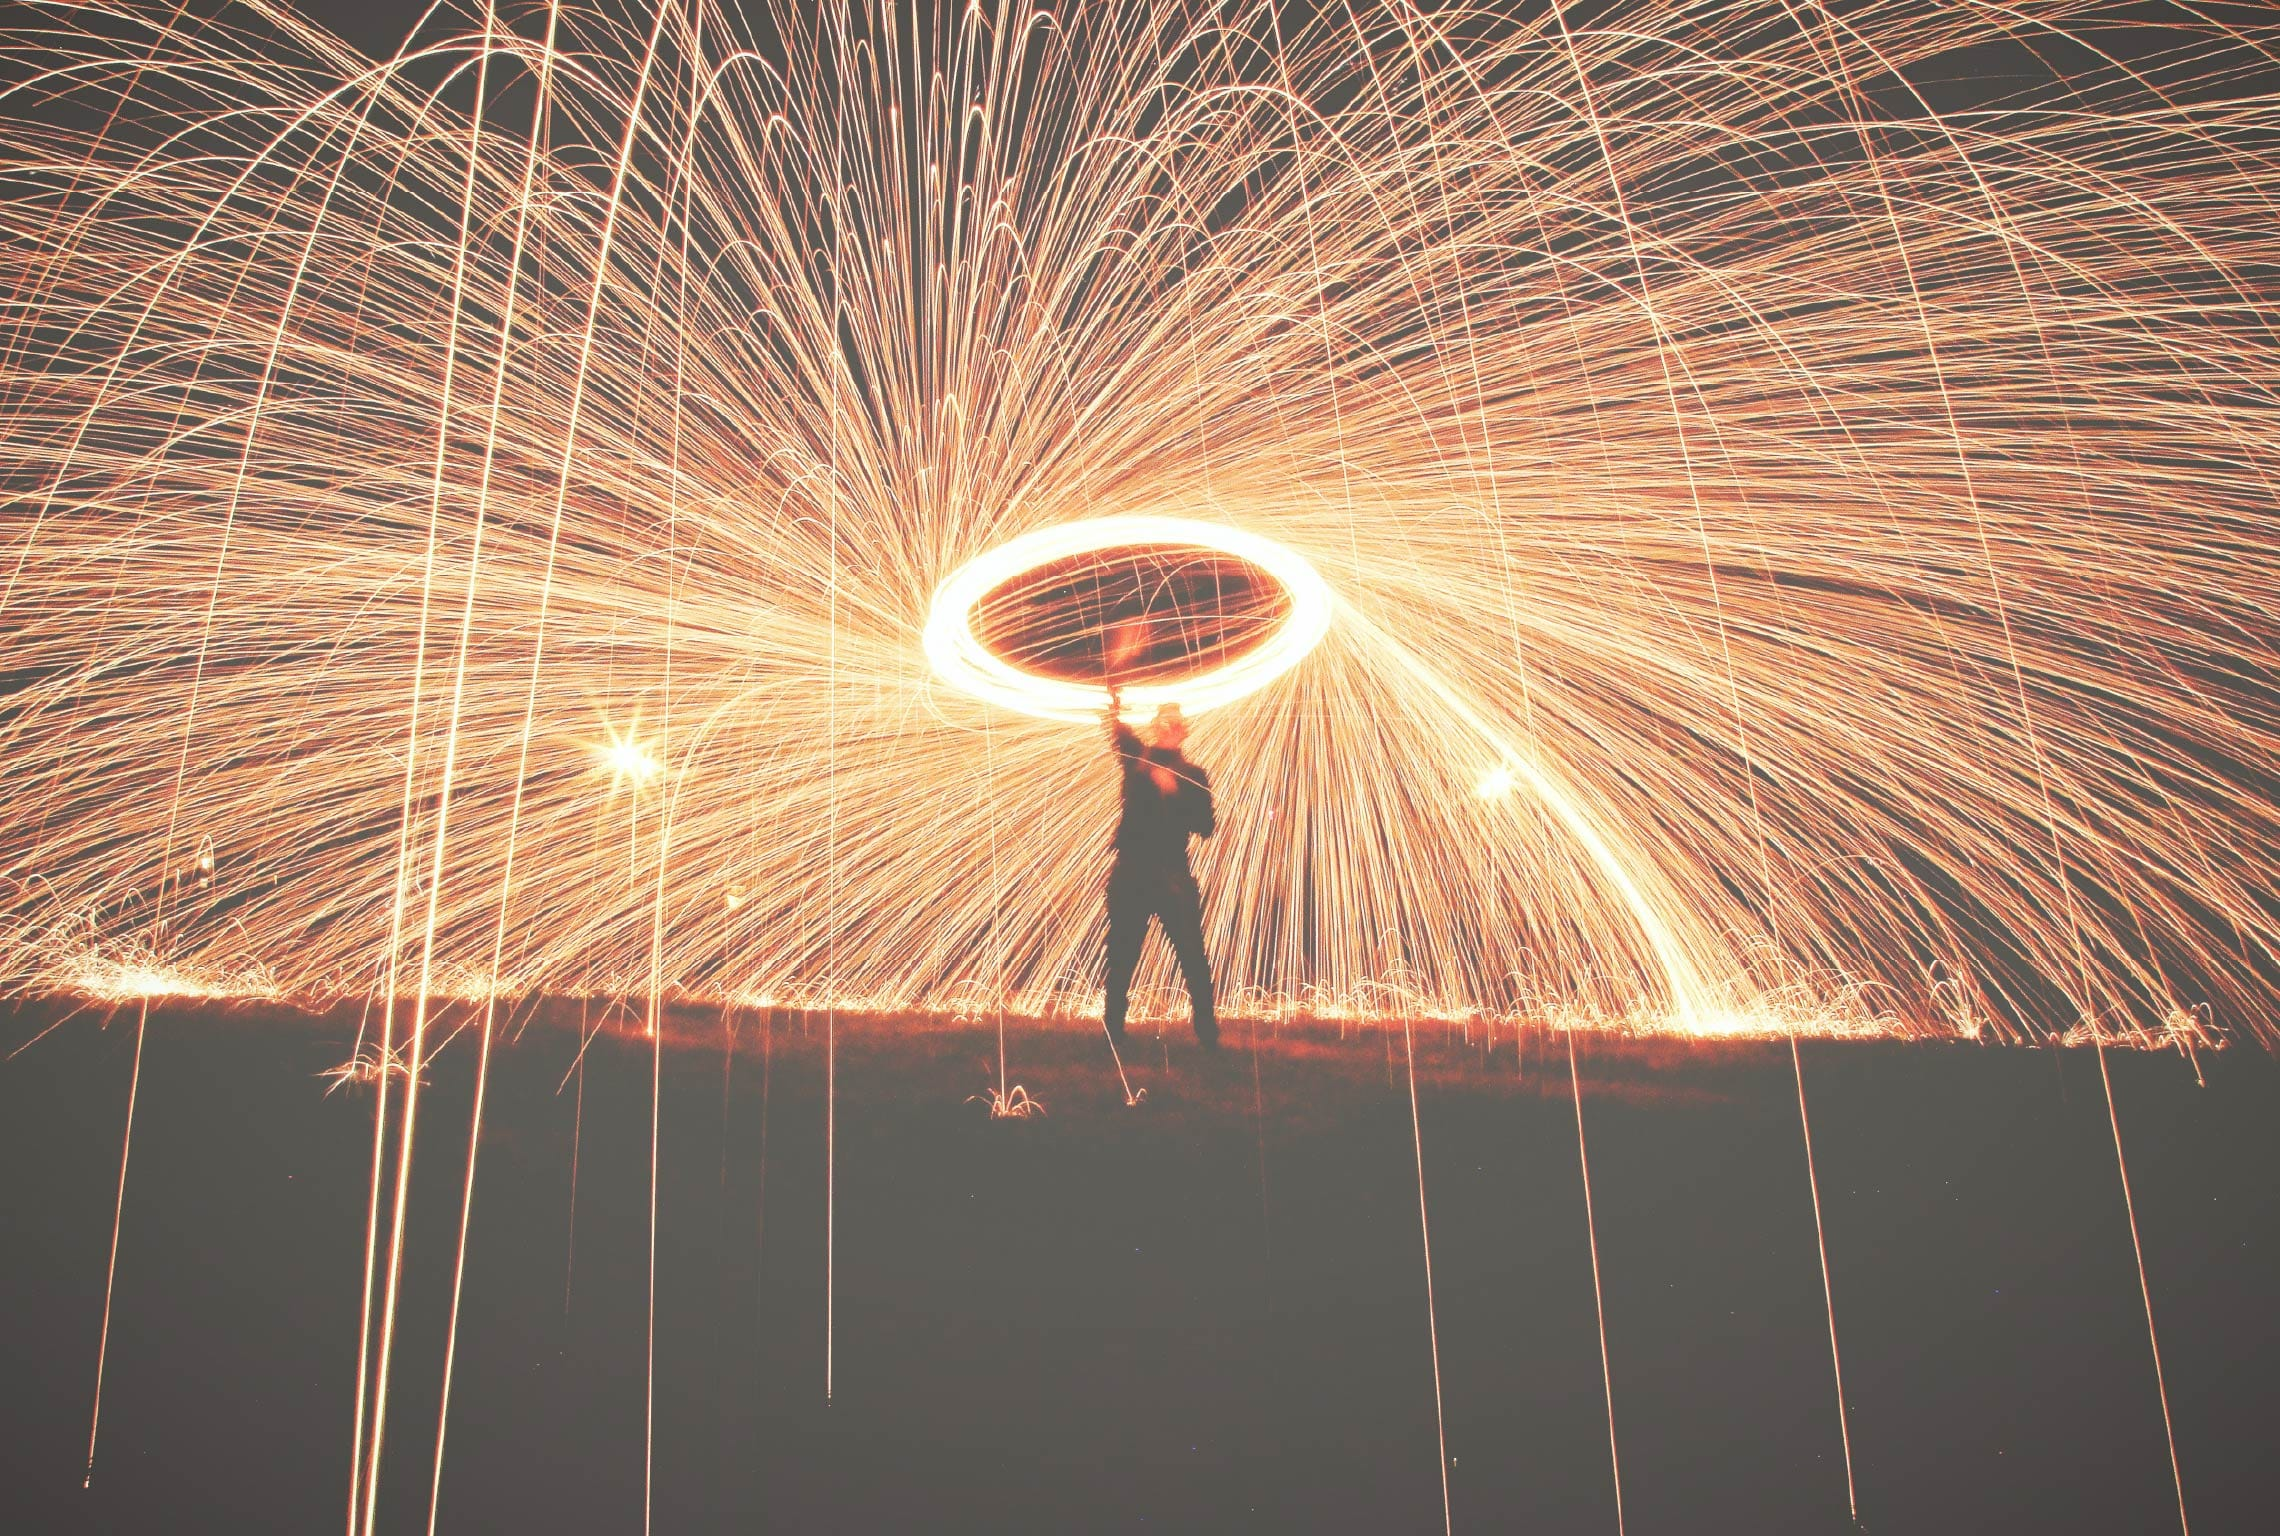 marketing flywheel method sales flywheel